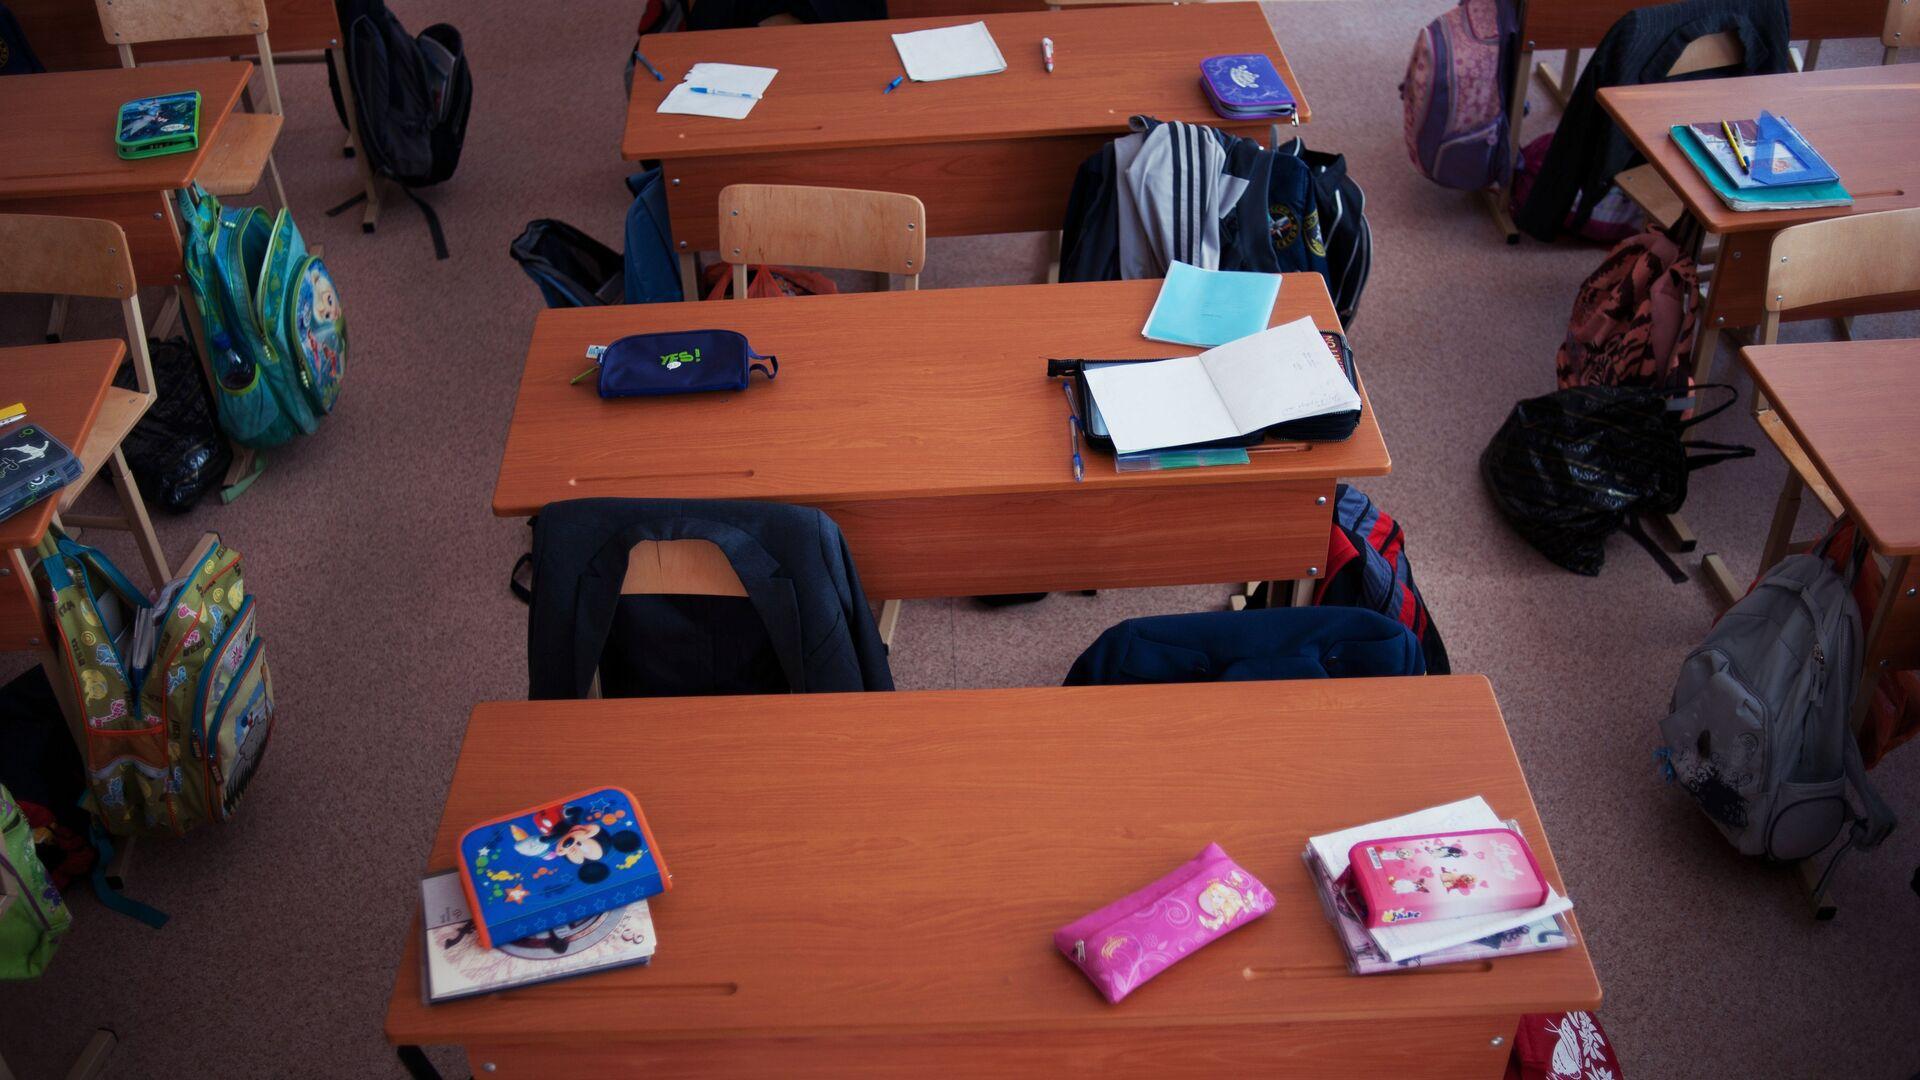 Пустые парты в школьном классе - РИА Новости, 1920, 13.05.2021